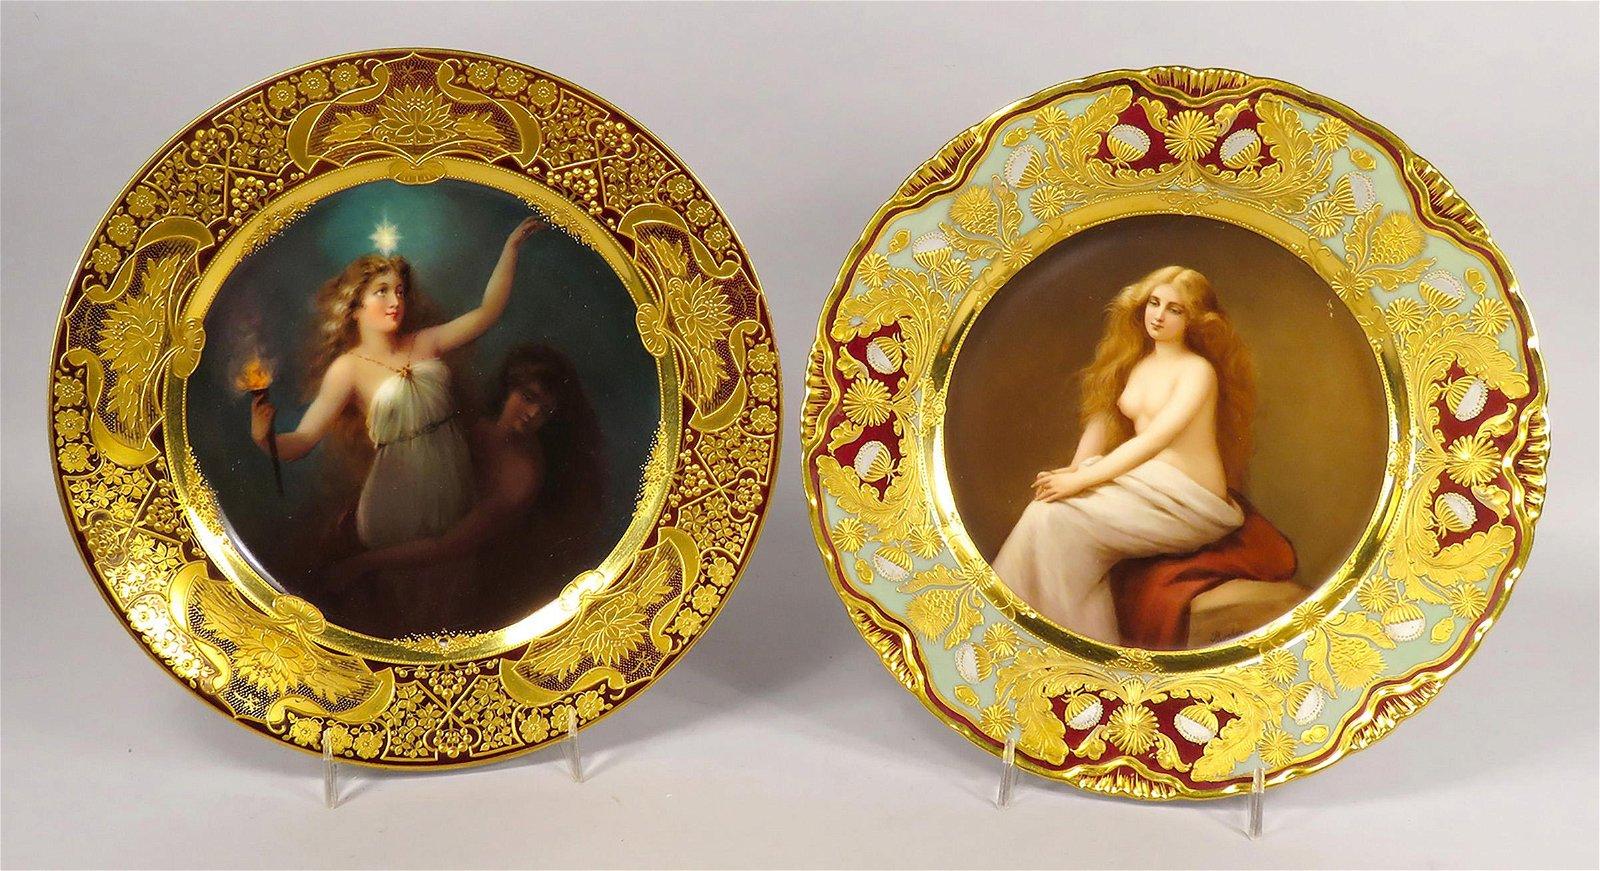 Two Antique Royal Vienna Porcelain Art Plates